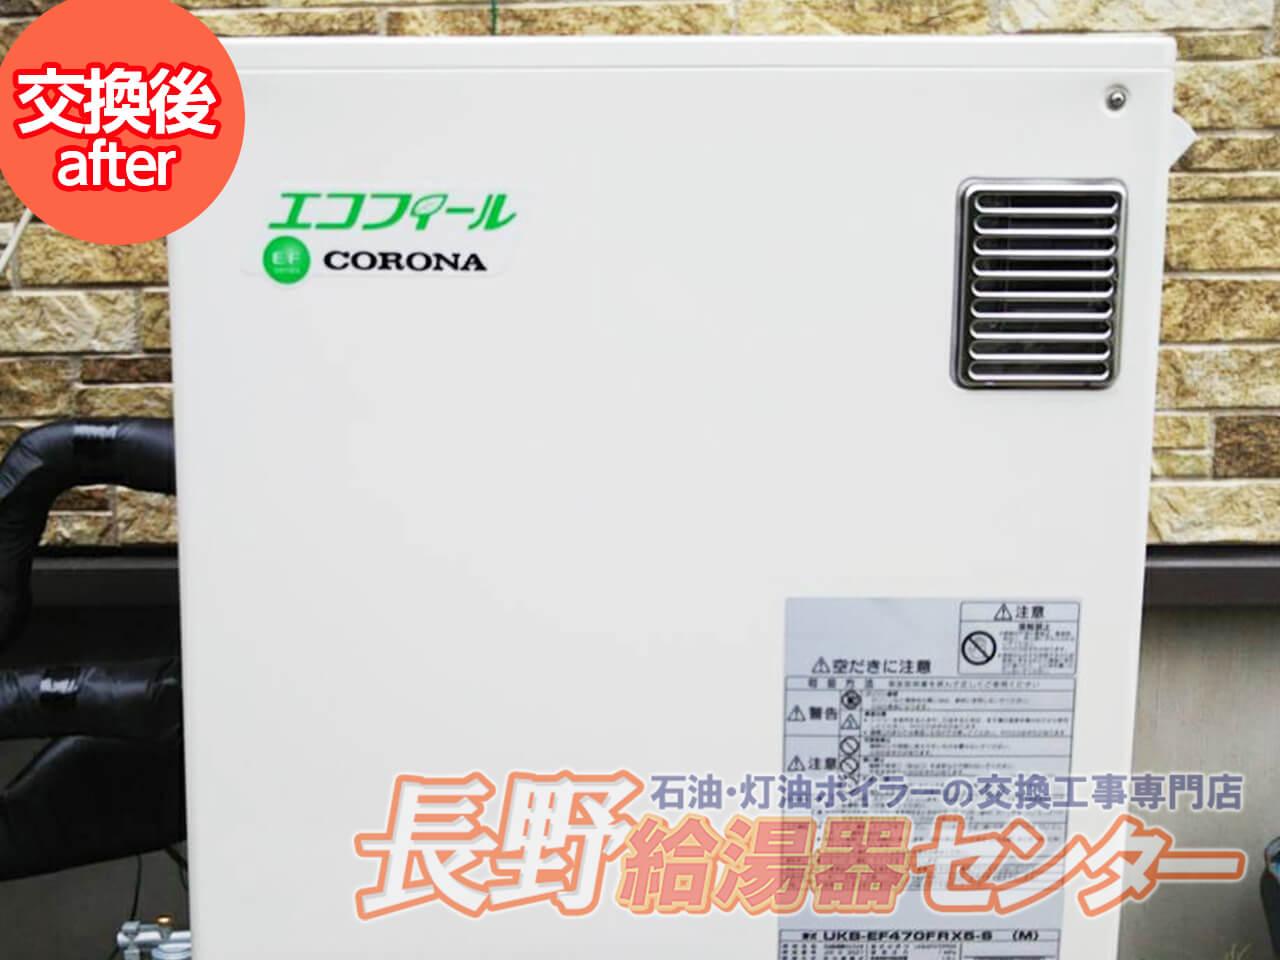 長野市 RPE33からUKB-EF470FRX5-S(M)へ交換工事